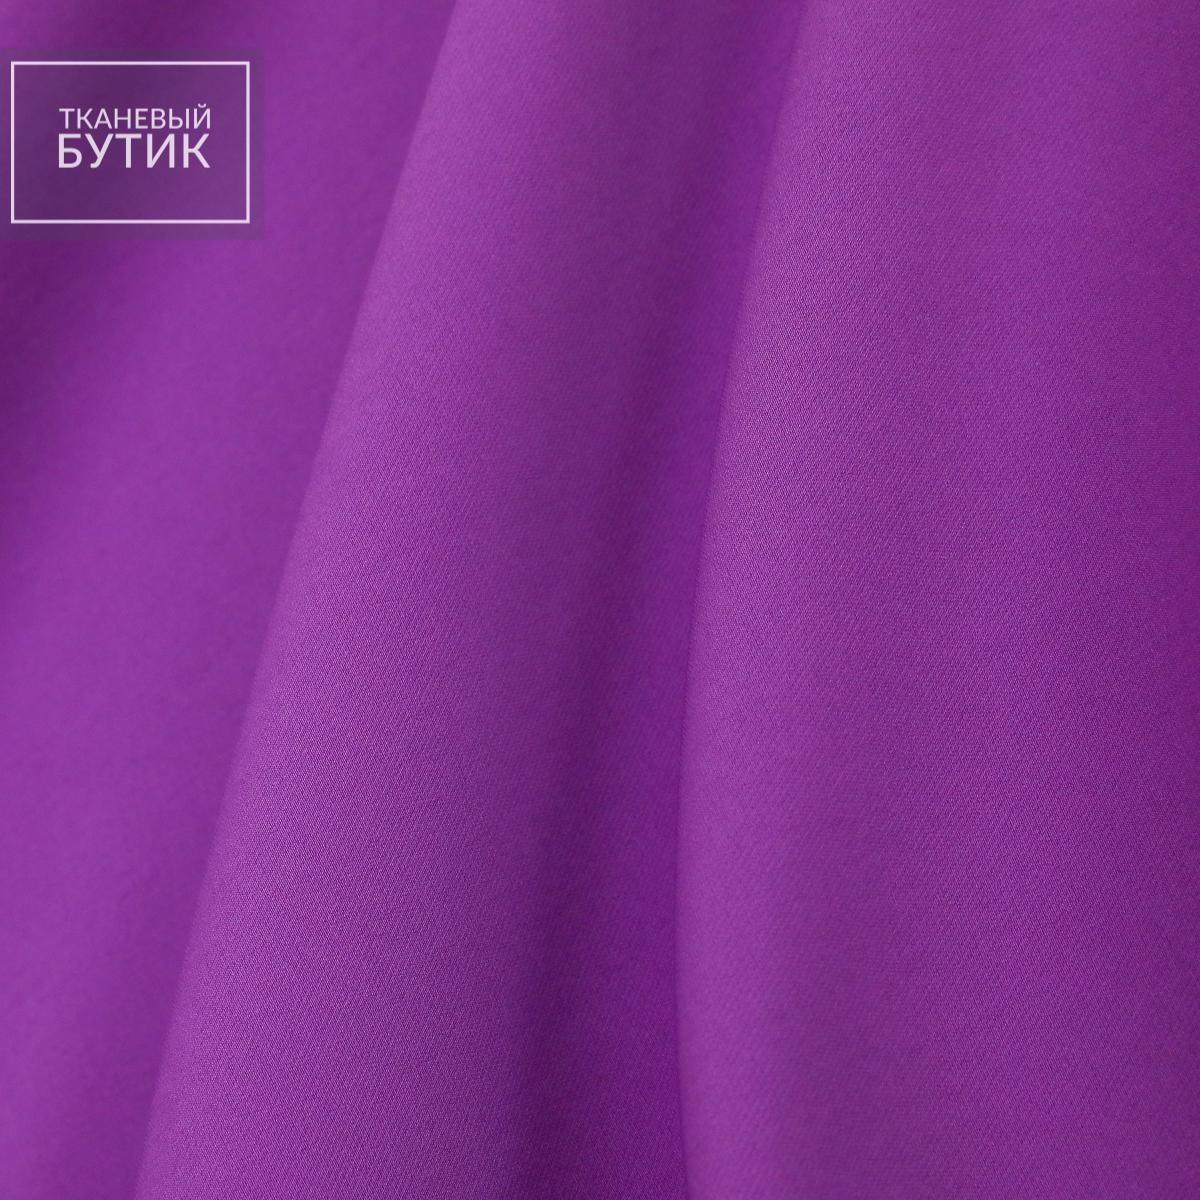 Креп полиэстеровый с эластаном фиалкового цвета